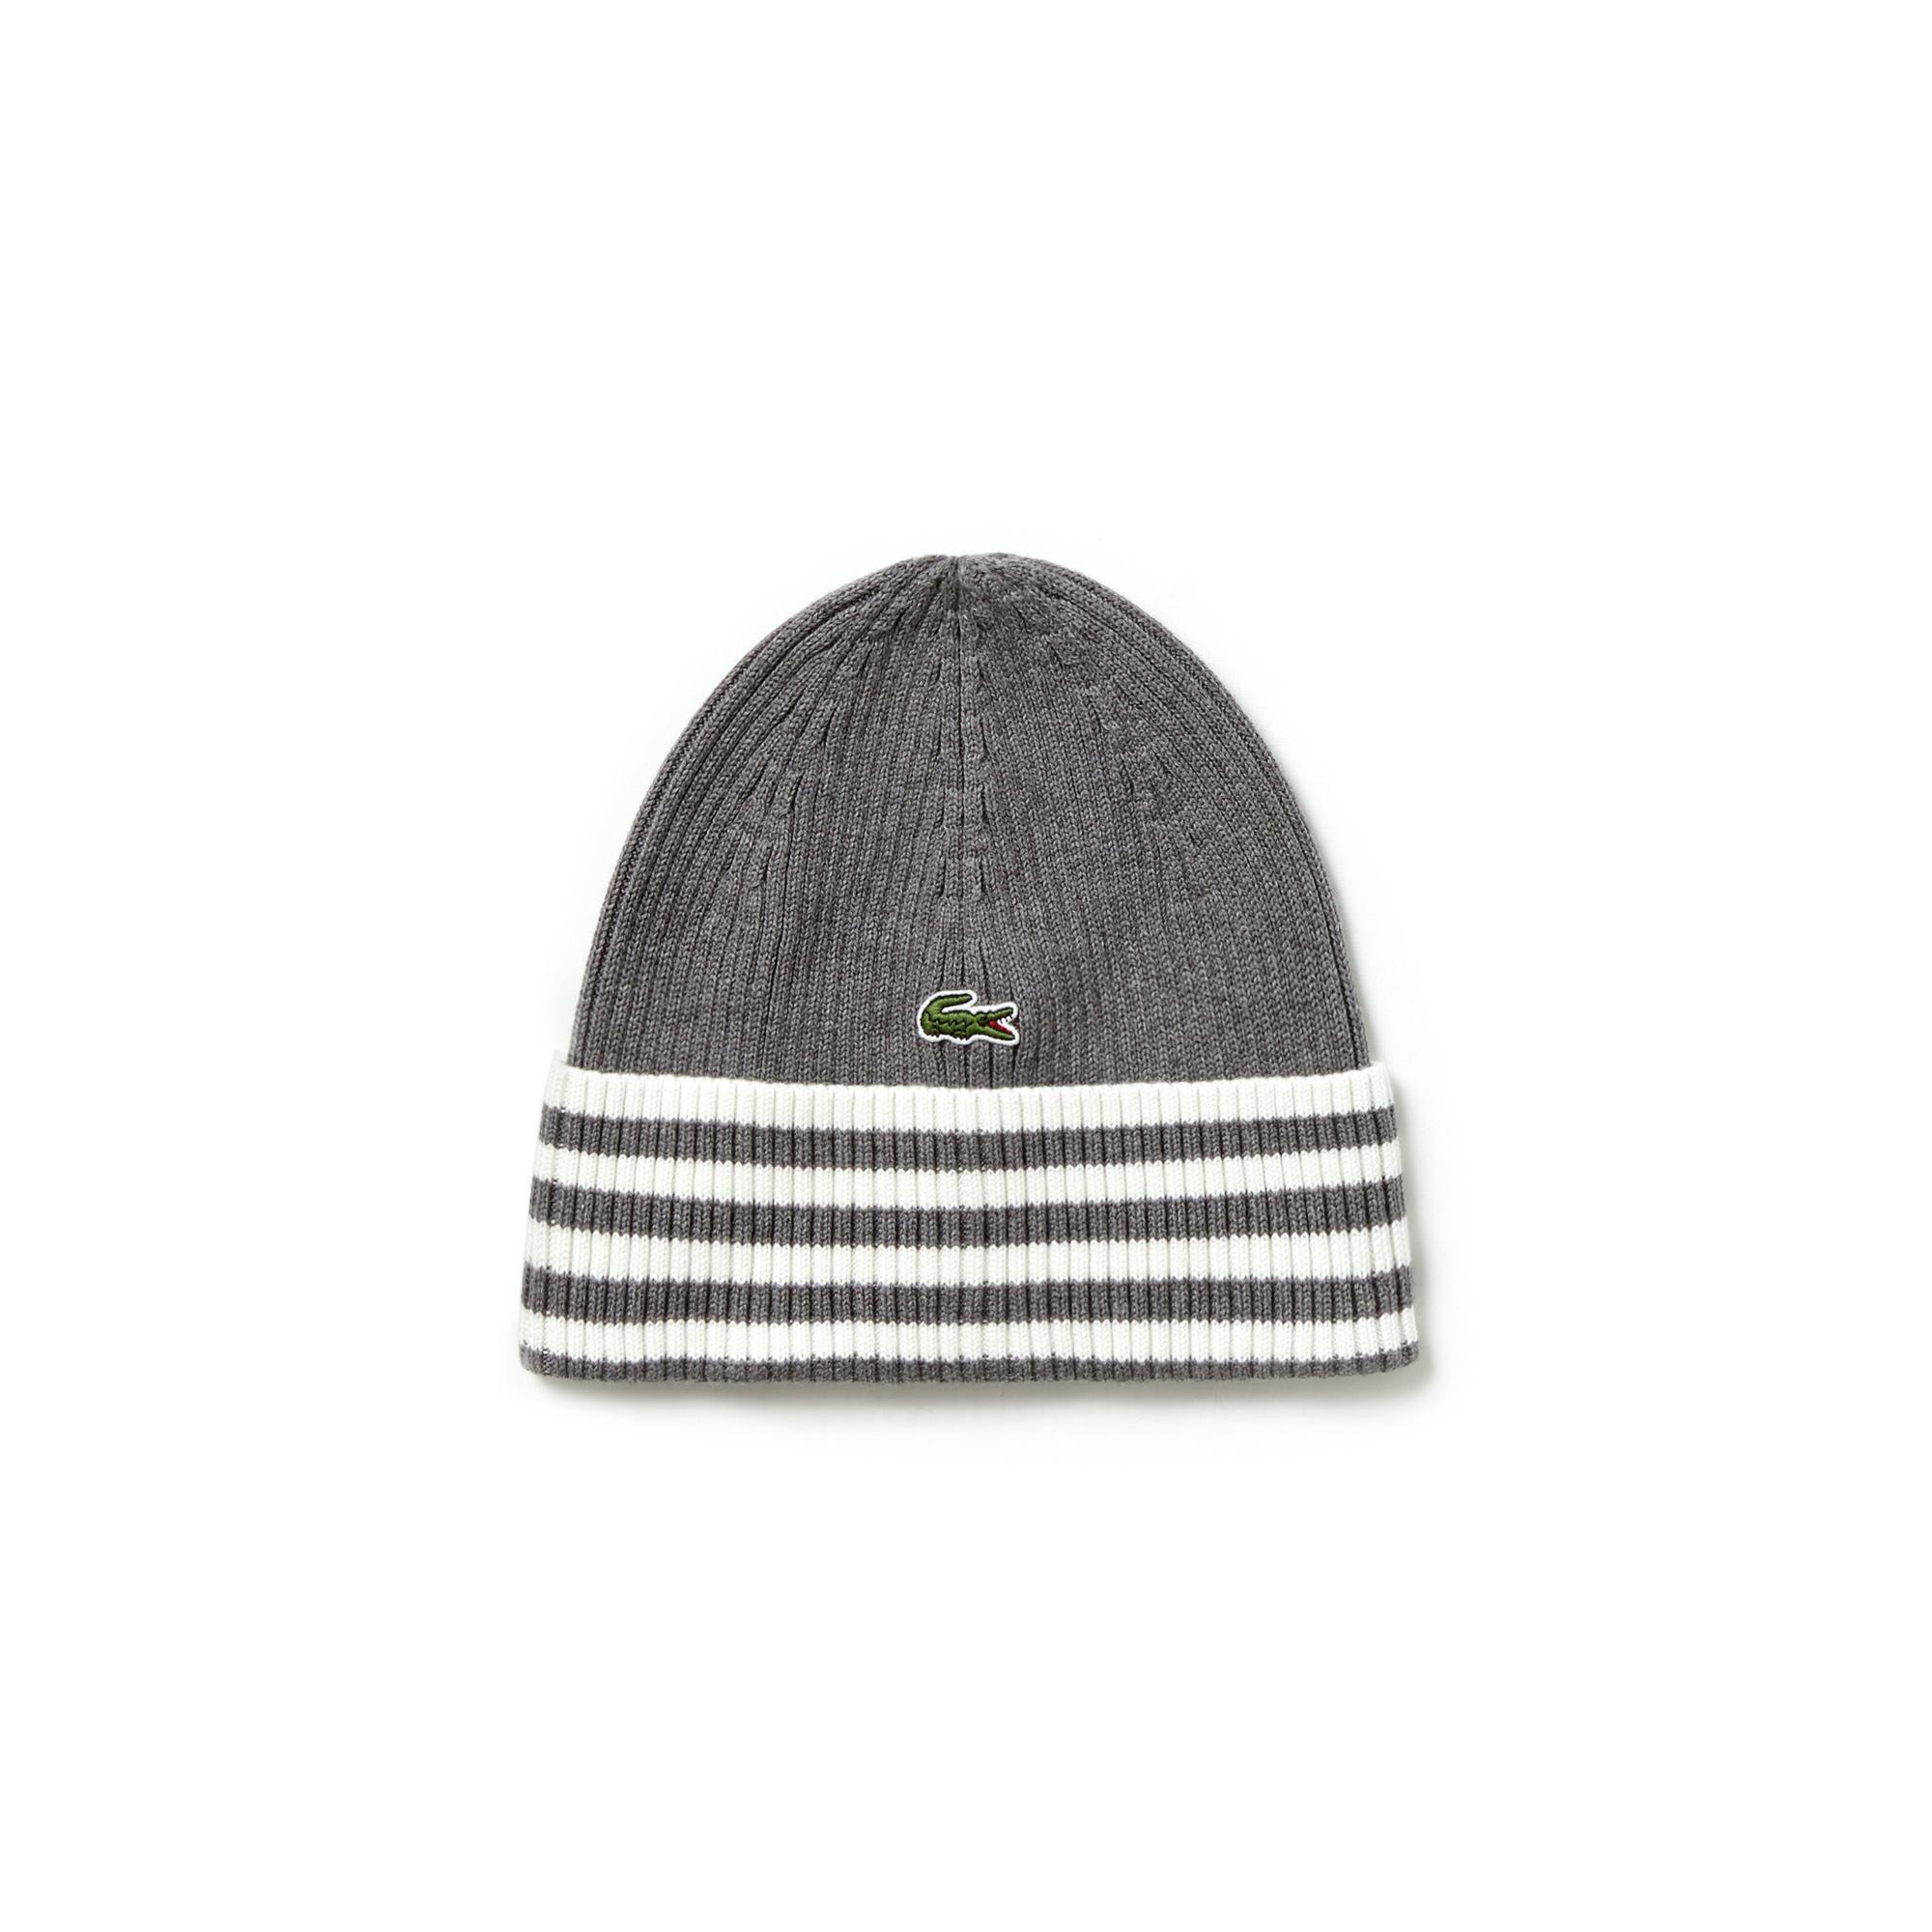 Вязаная шапка LacosteШапки, шарфы и перчатки<br>100% шерсть